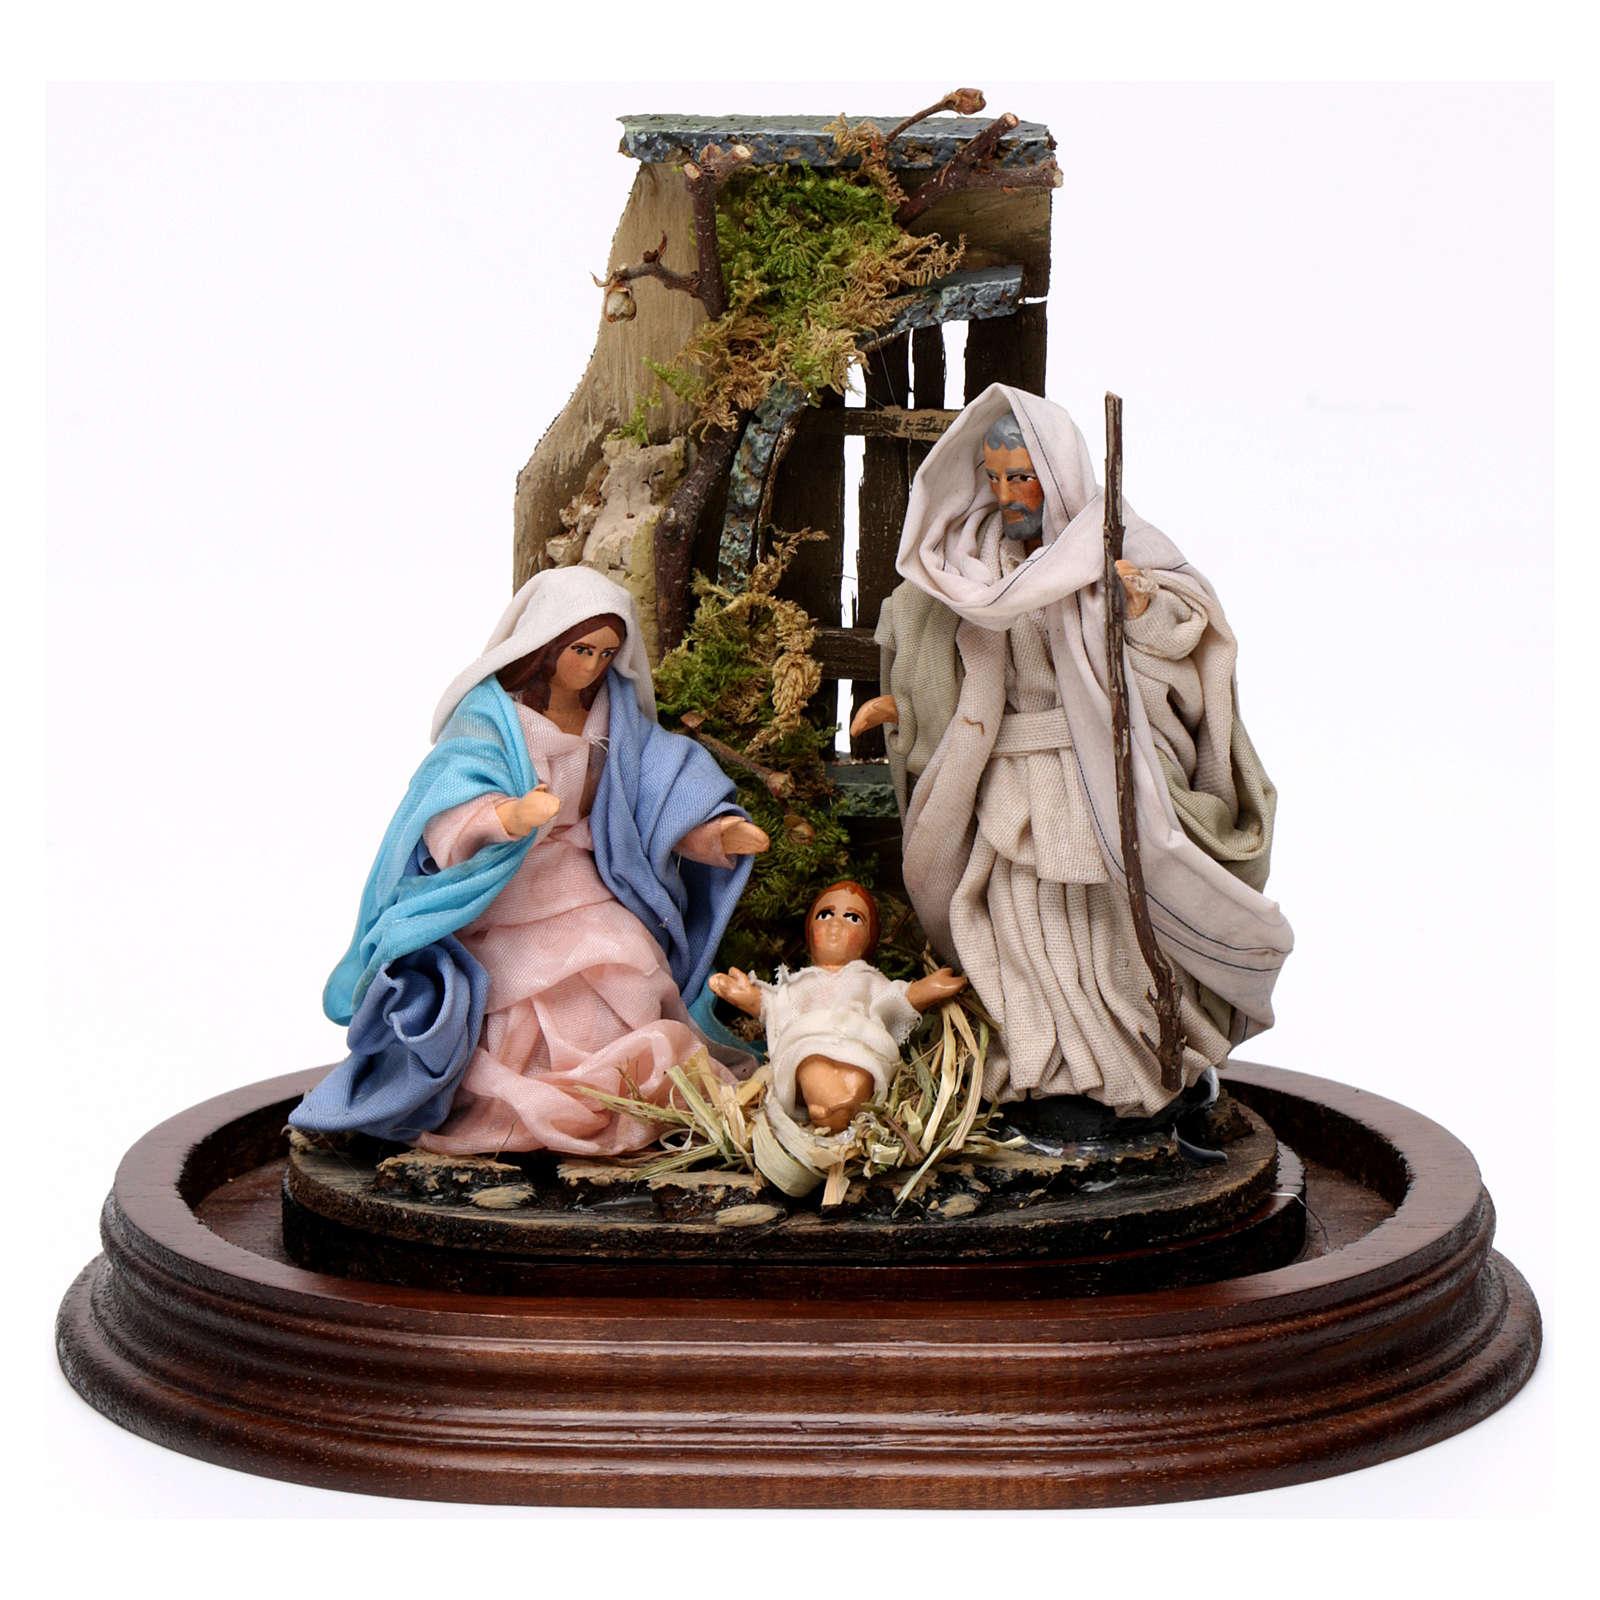 Trío Natividad 15x15 cm cúpula de vidrio pesebre napolitano 4